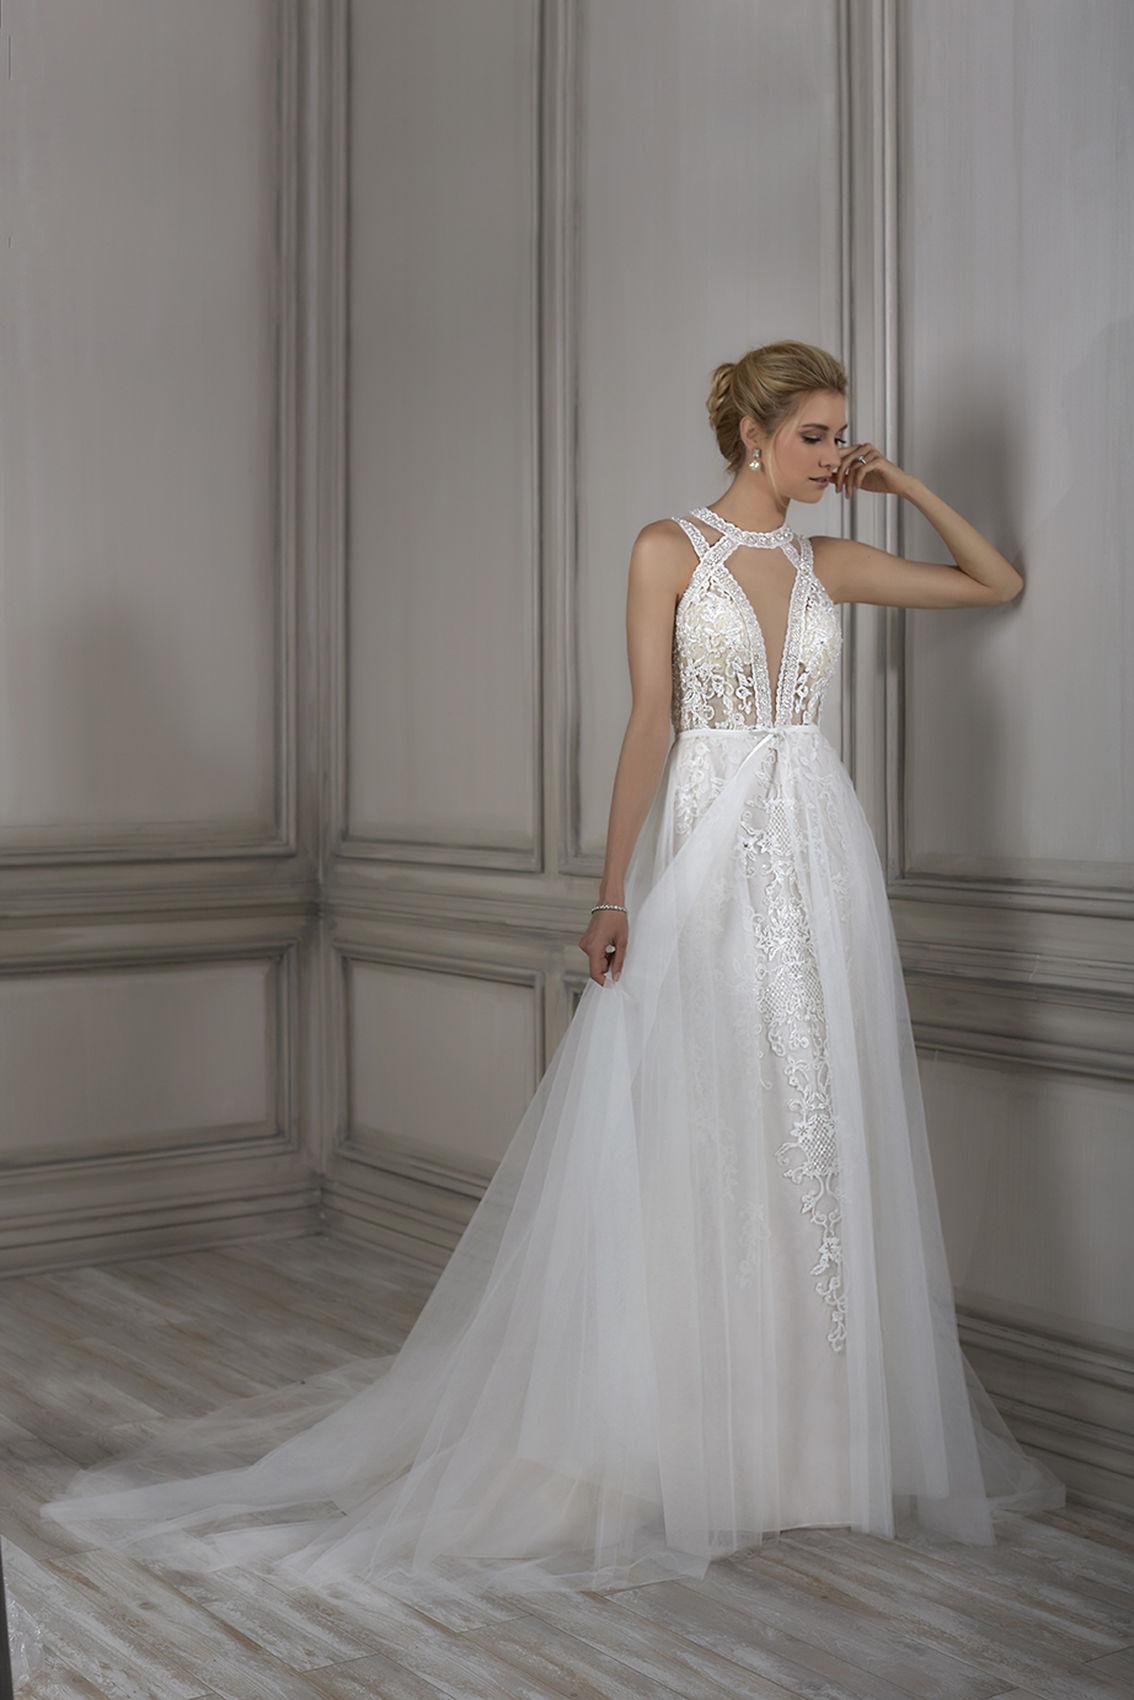 Adrianna Papell Clara Ivory/Nude // Retail Price $1599 | Our Price $1119